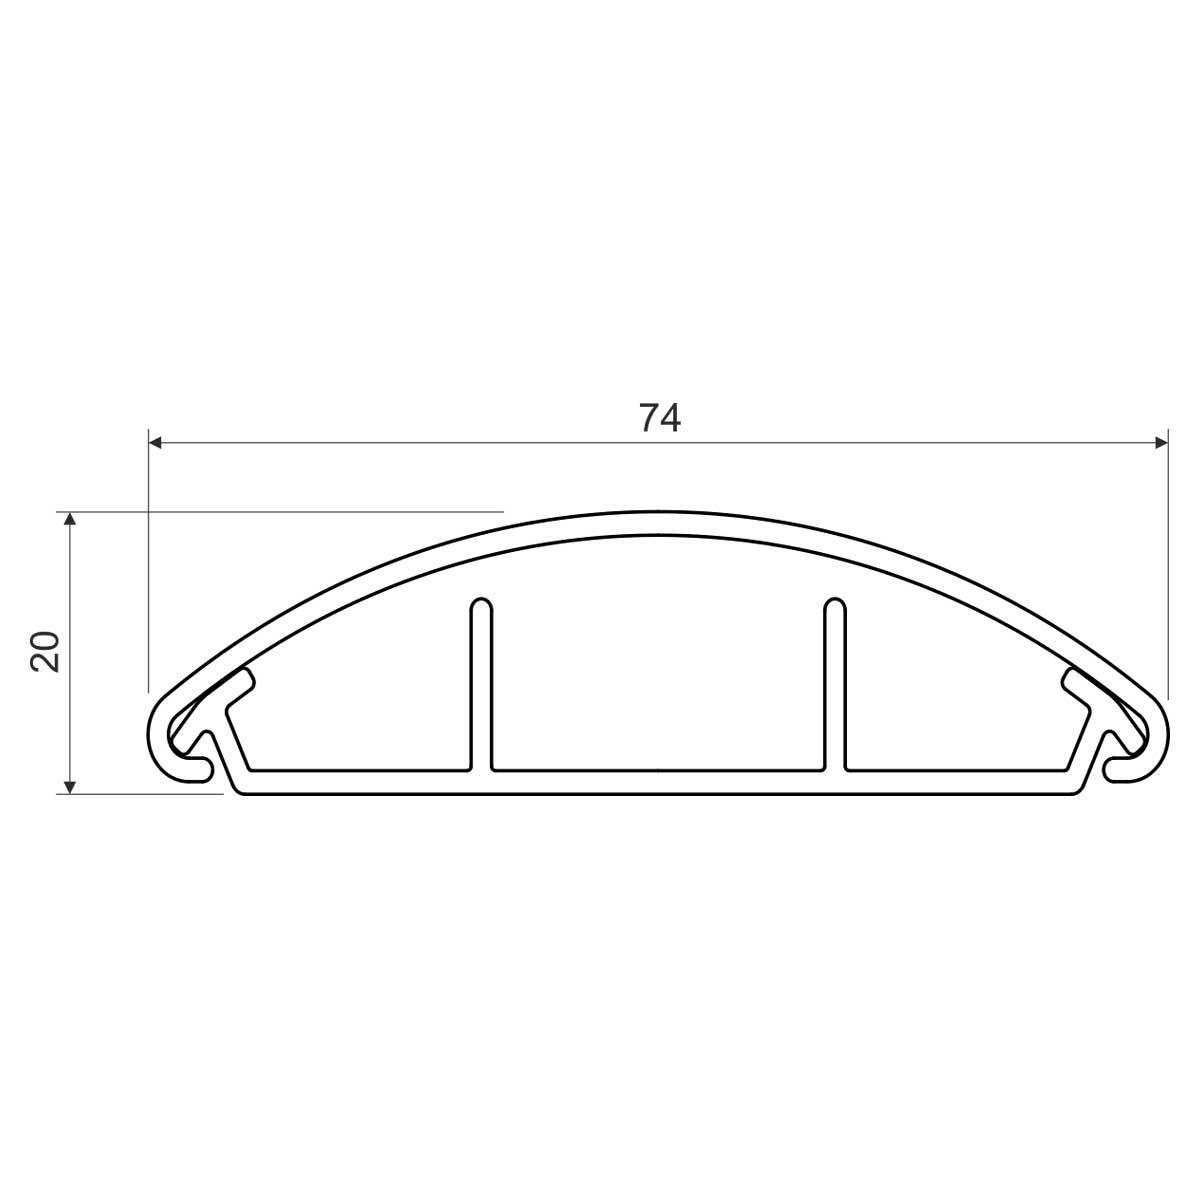 Кабельний канал (світло сірий) 74х20мм; Серія LО для підлоги; ПВХ